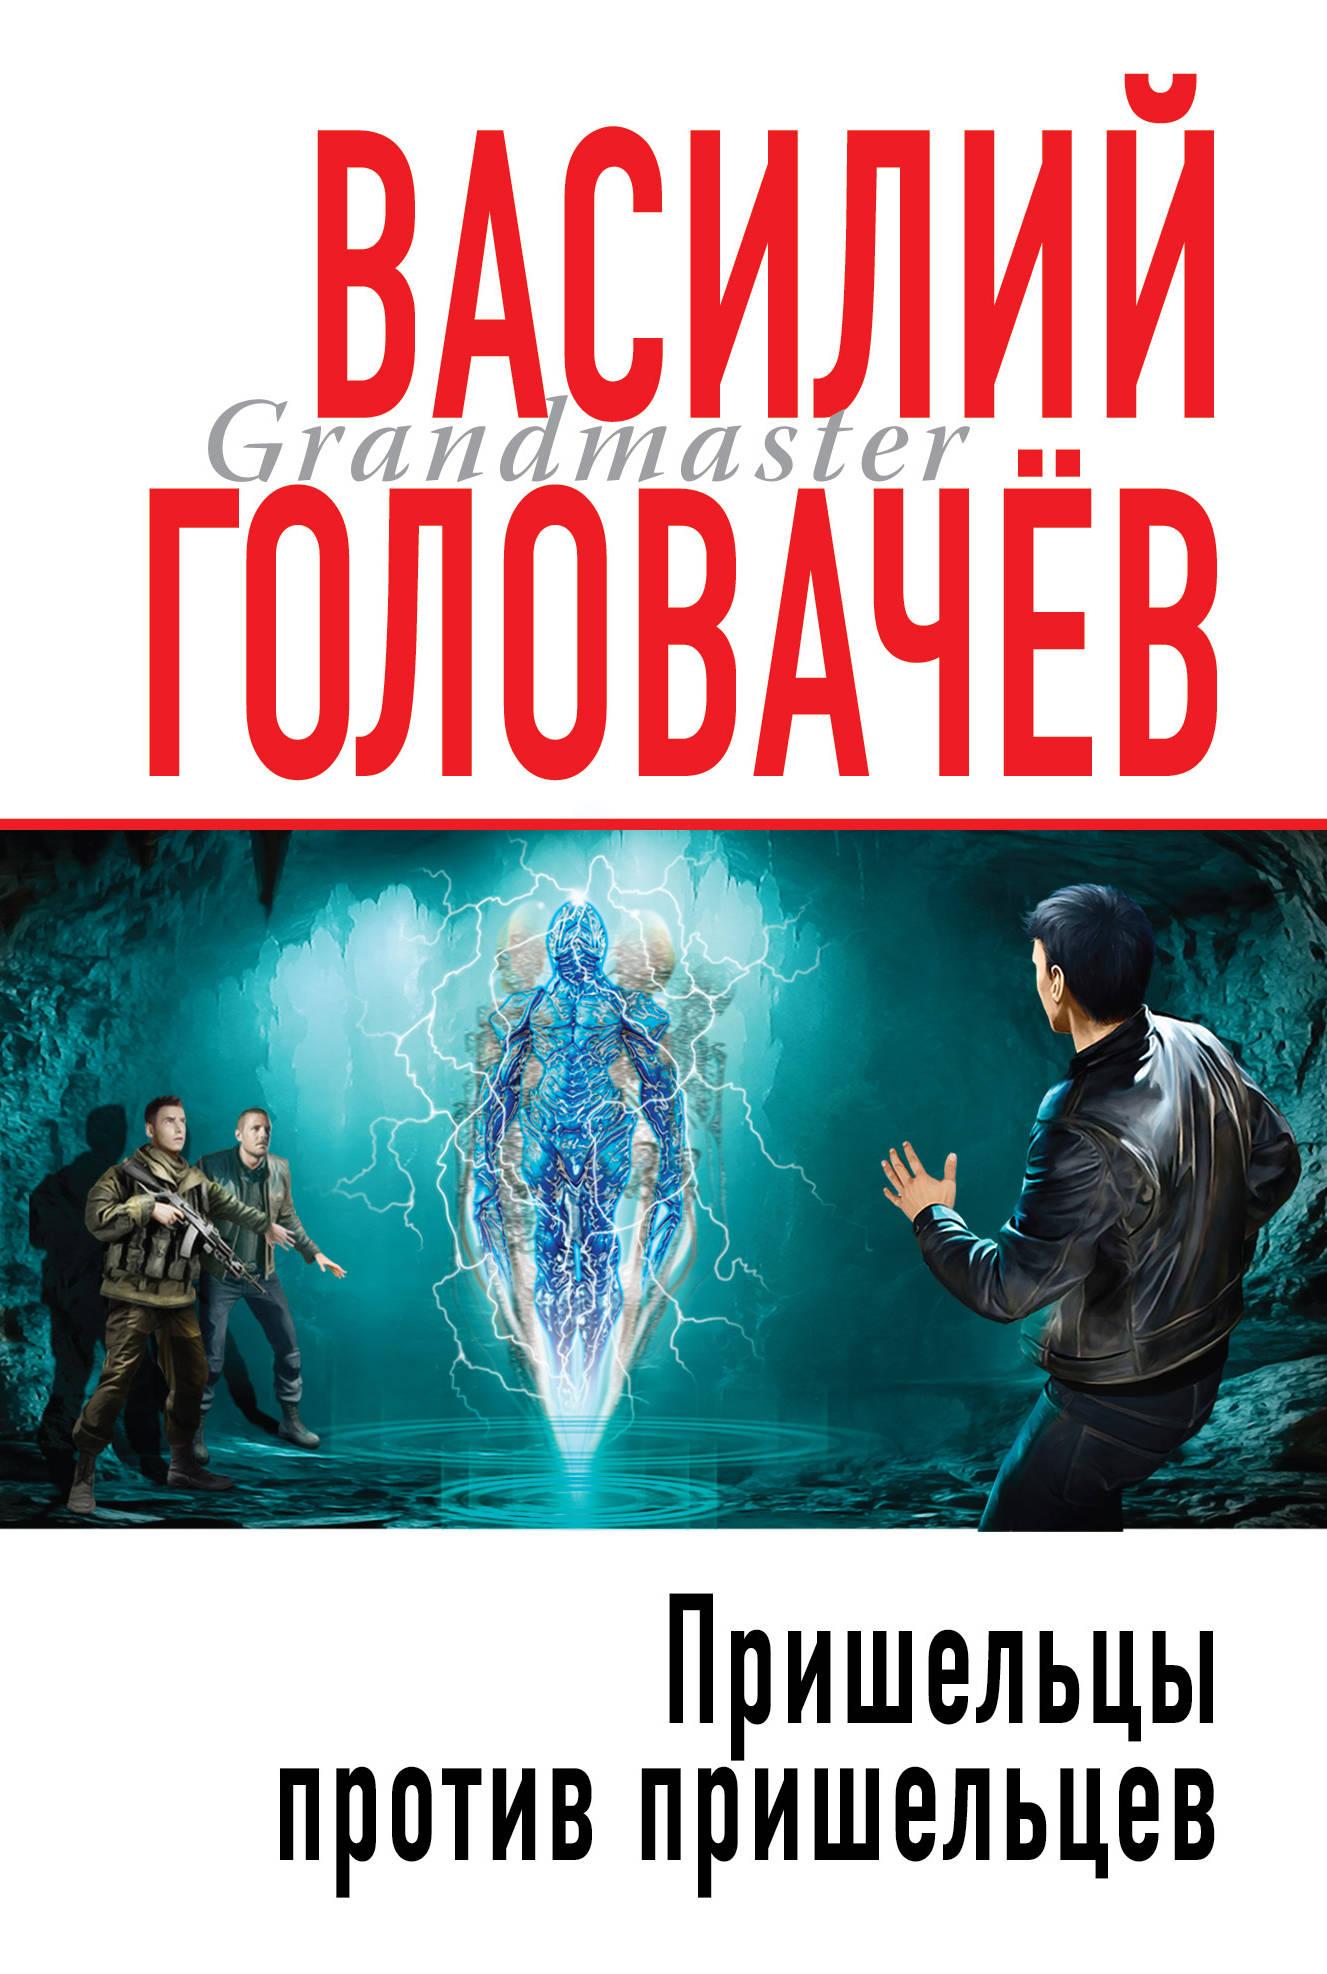 Василий Головачёв «Пришельцы против пришельцев»